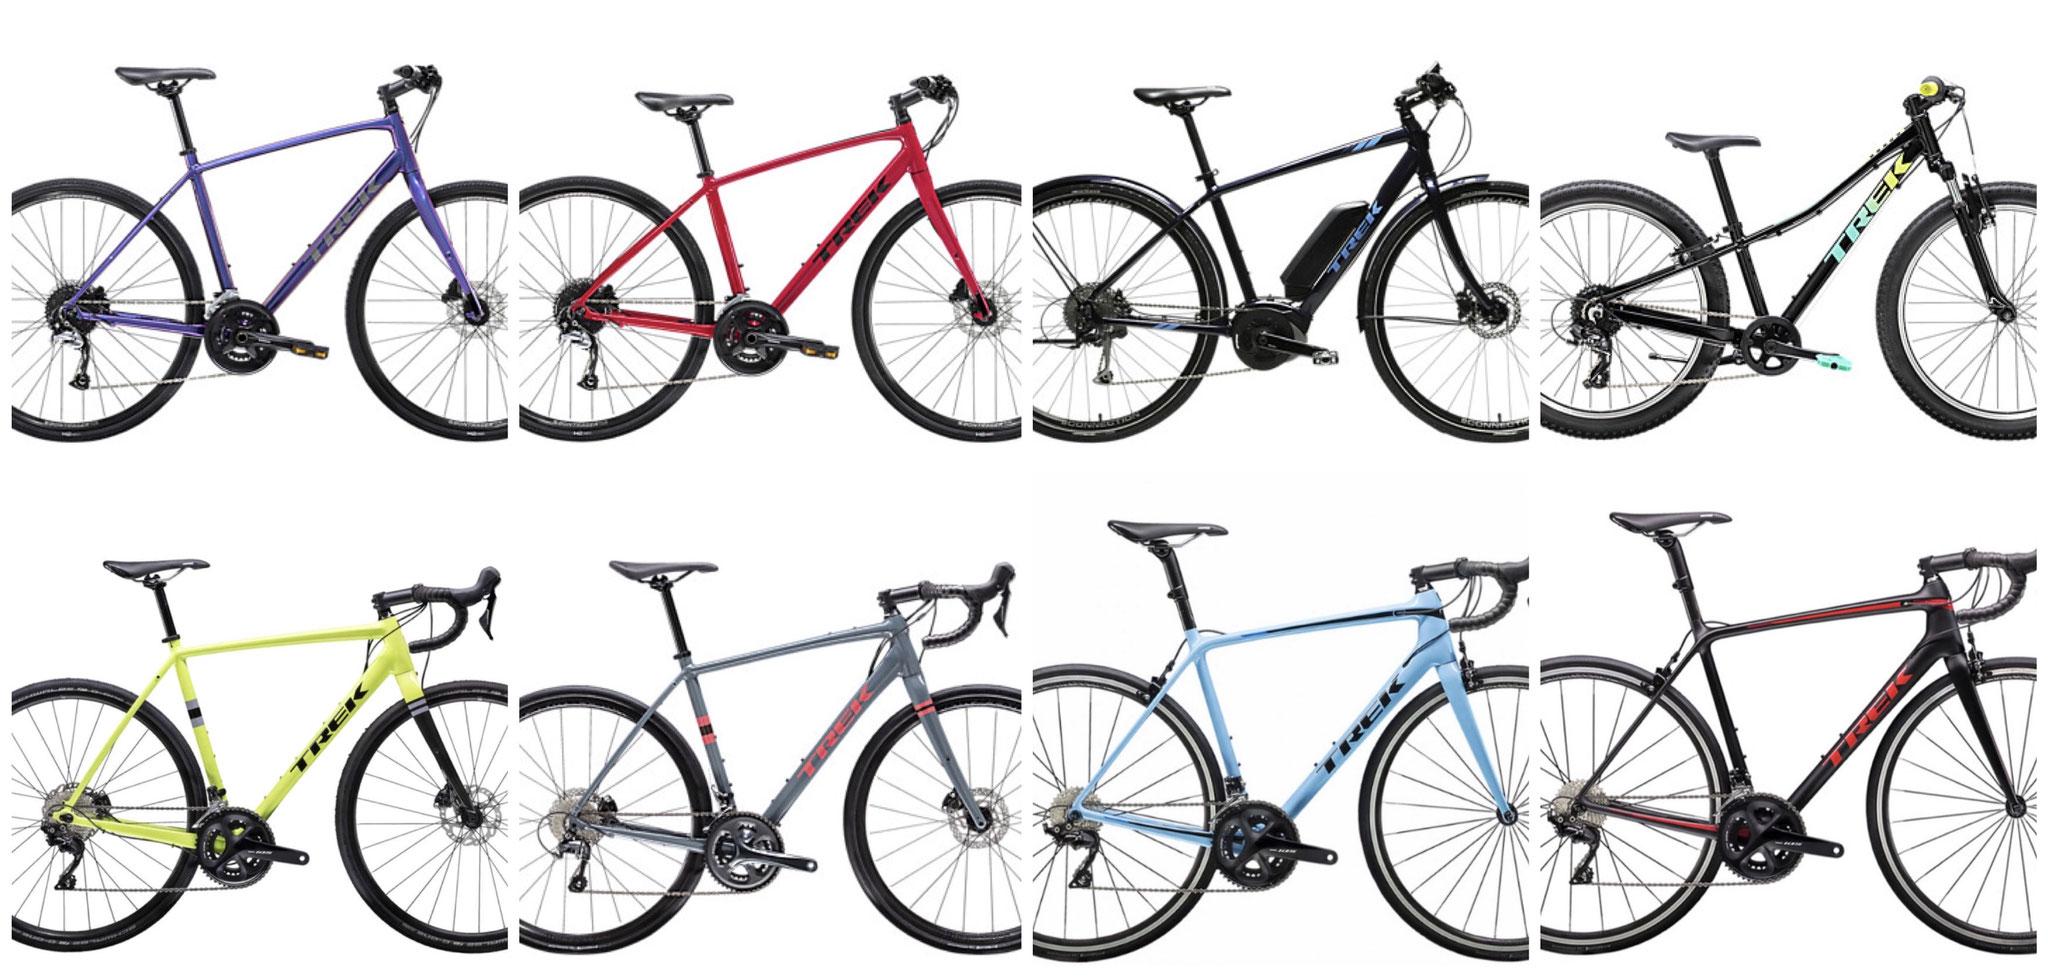 シクリズムアワジにはたくさんの種類のスポーツサイクルがあります!!ロードバイク、クロスバイク、E-BIKE(電動アシスト)、マウンテンバイクの中から乗りたいものを選んでね。